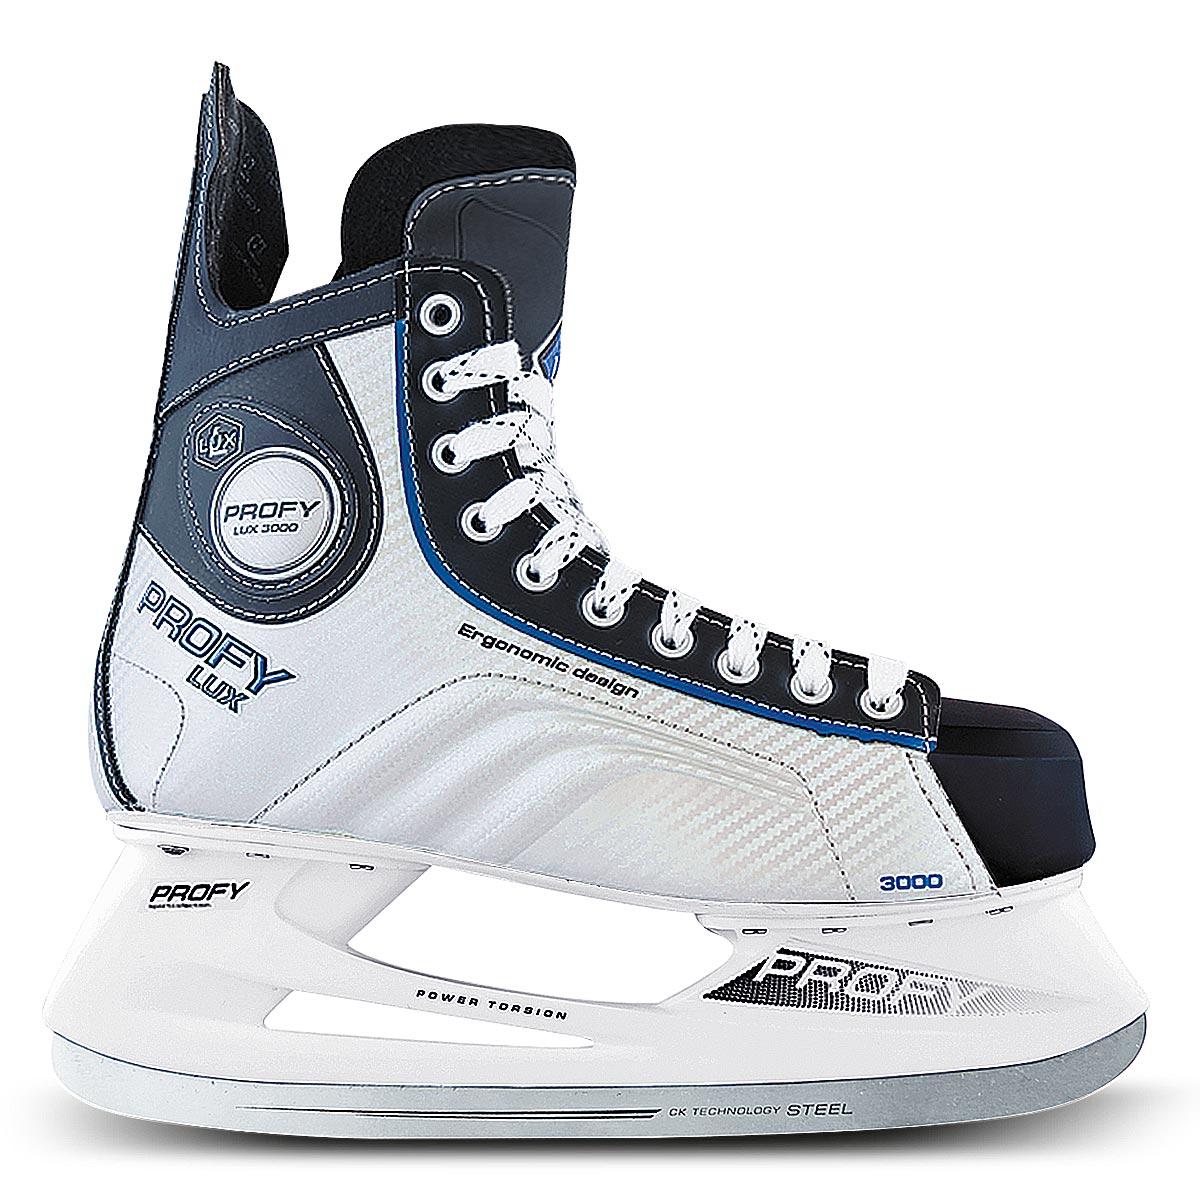 Коньки хоккейные мужские СК Profy Lux 3000, цвет: черный, серебряный, синий. Размер 37 PROFY LUX 3000 Blue_37